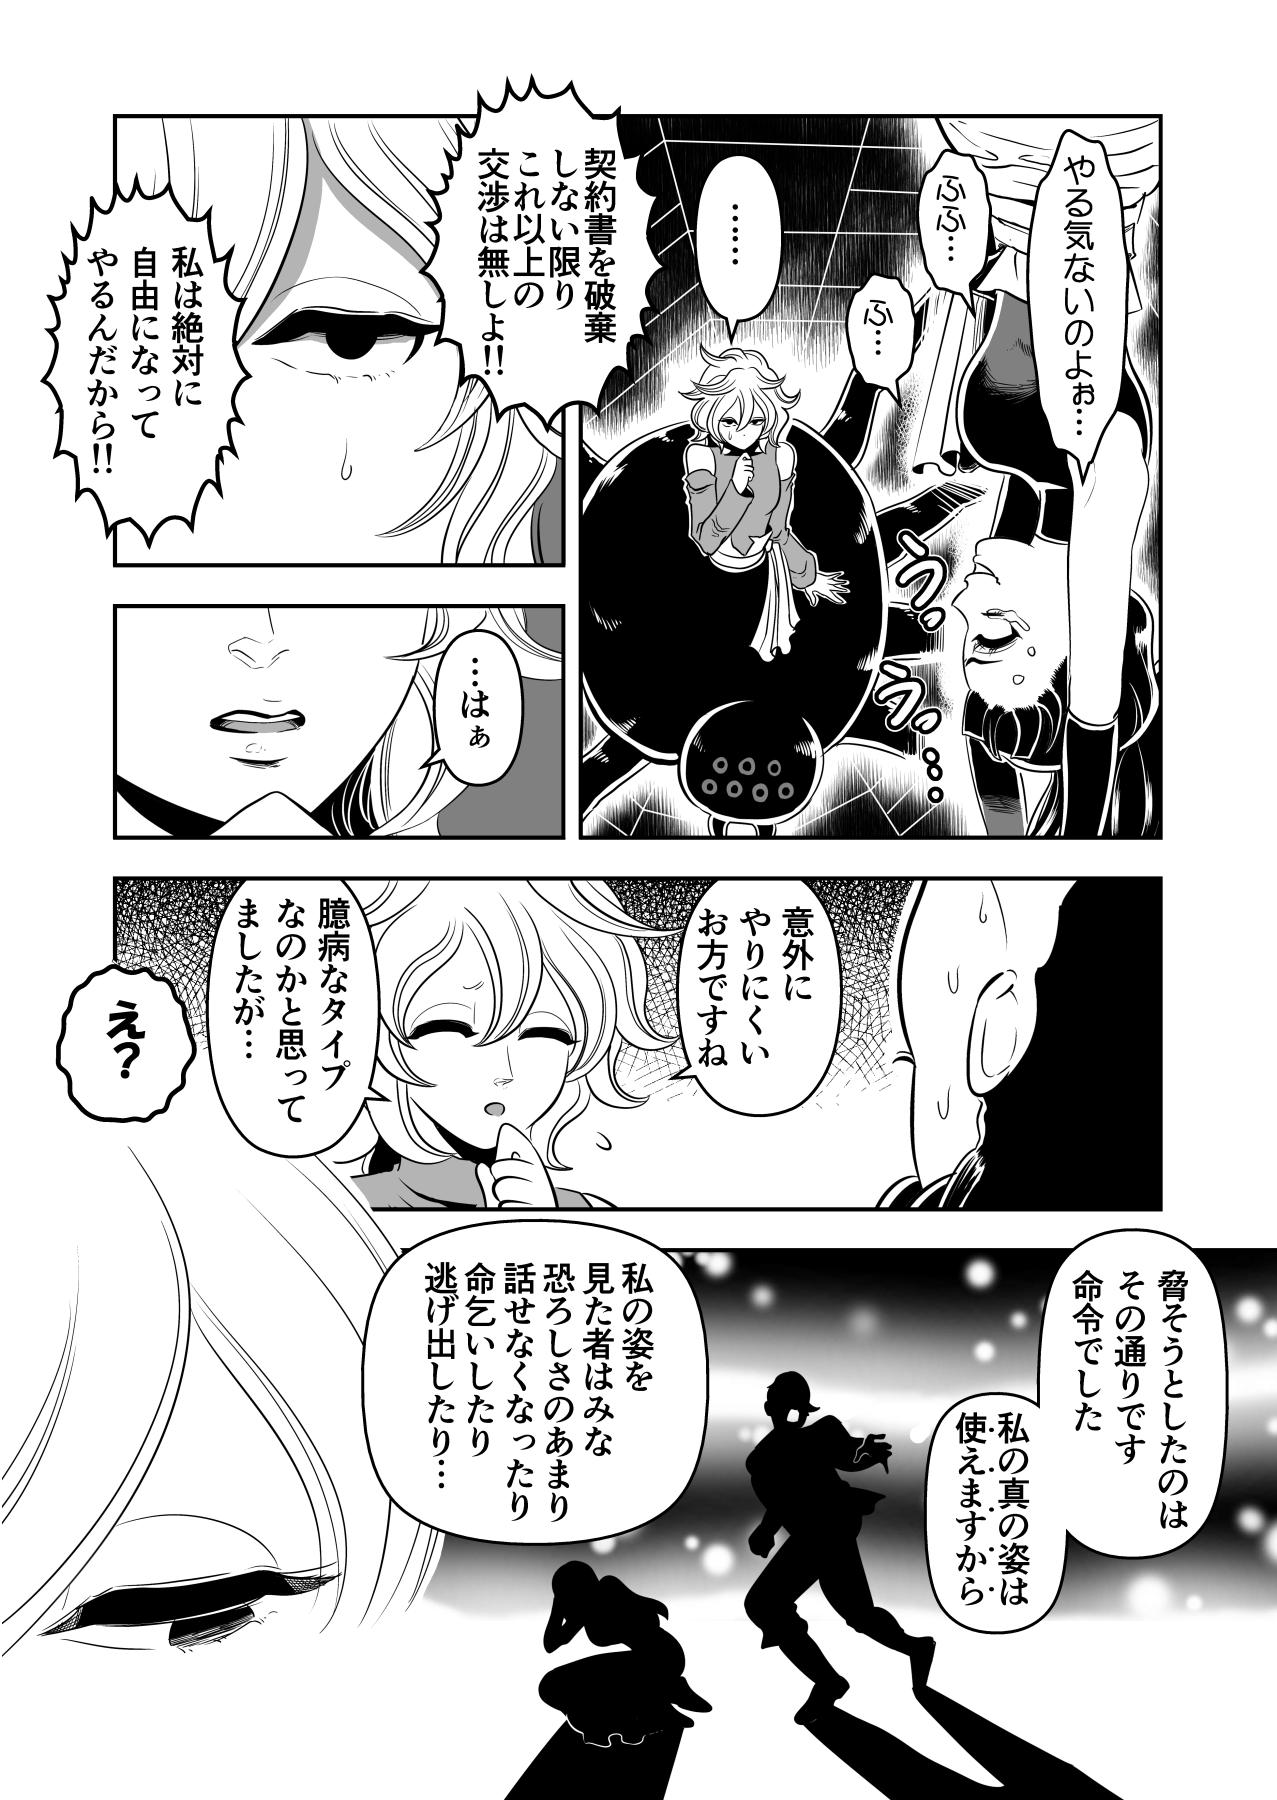 ヤサグレ魔女と第1王子と吸血鬼①0079